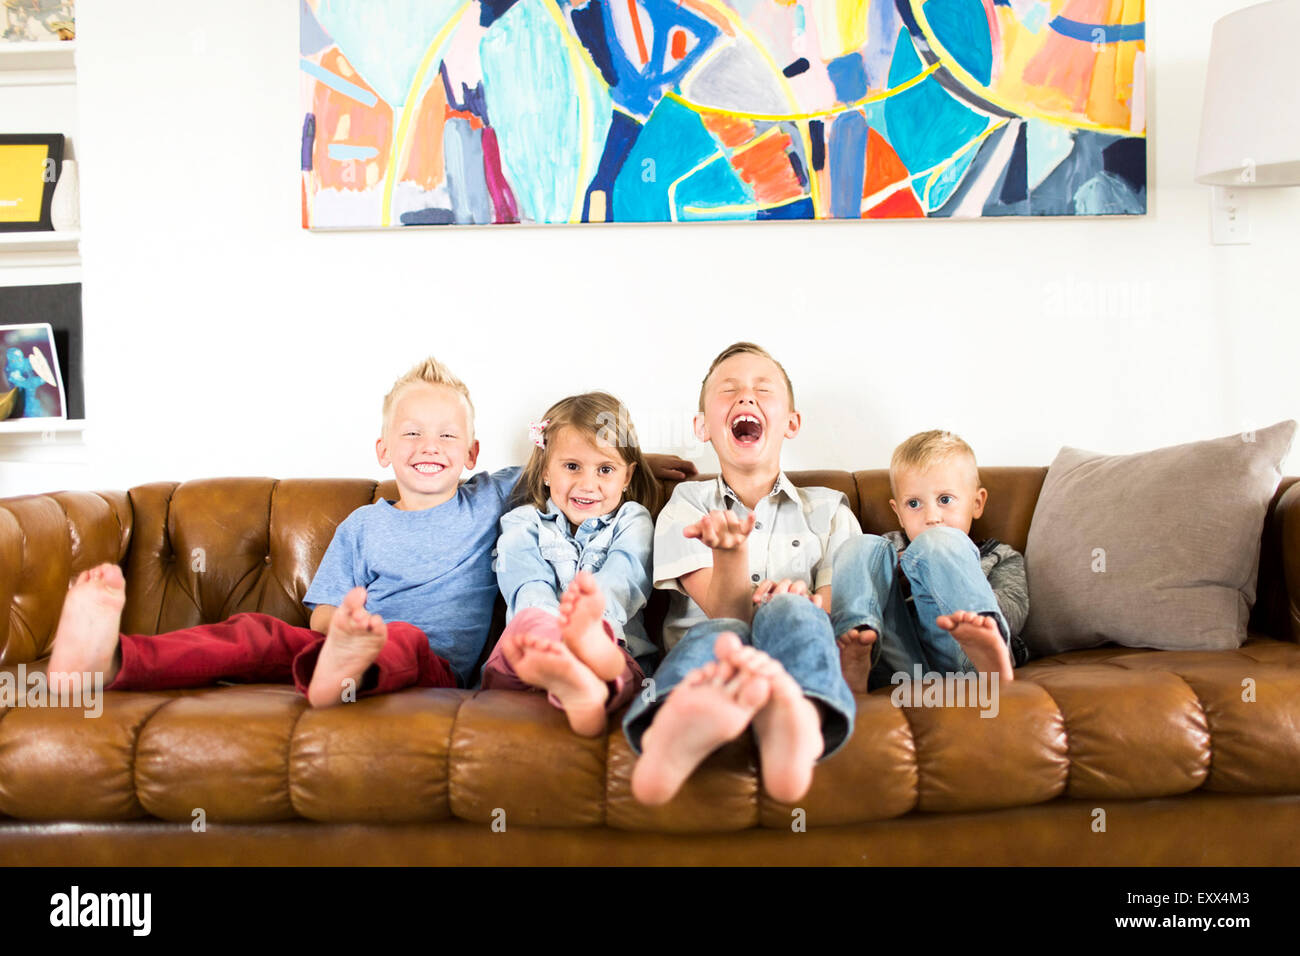 Bambini sorridenti (2-3, 4-5, 6-7) seduto sul divano Immagini Stock